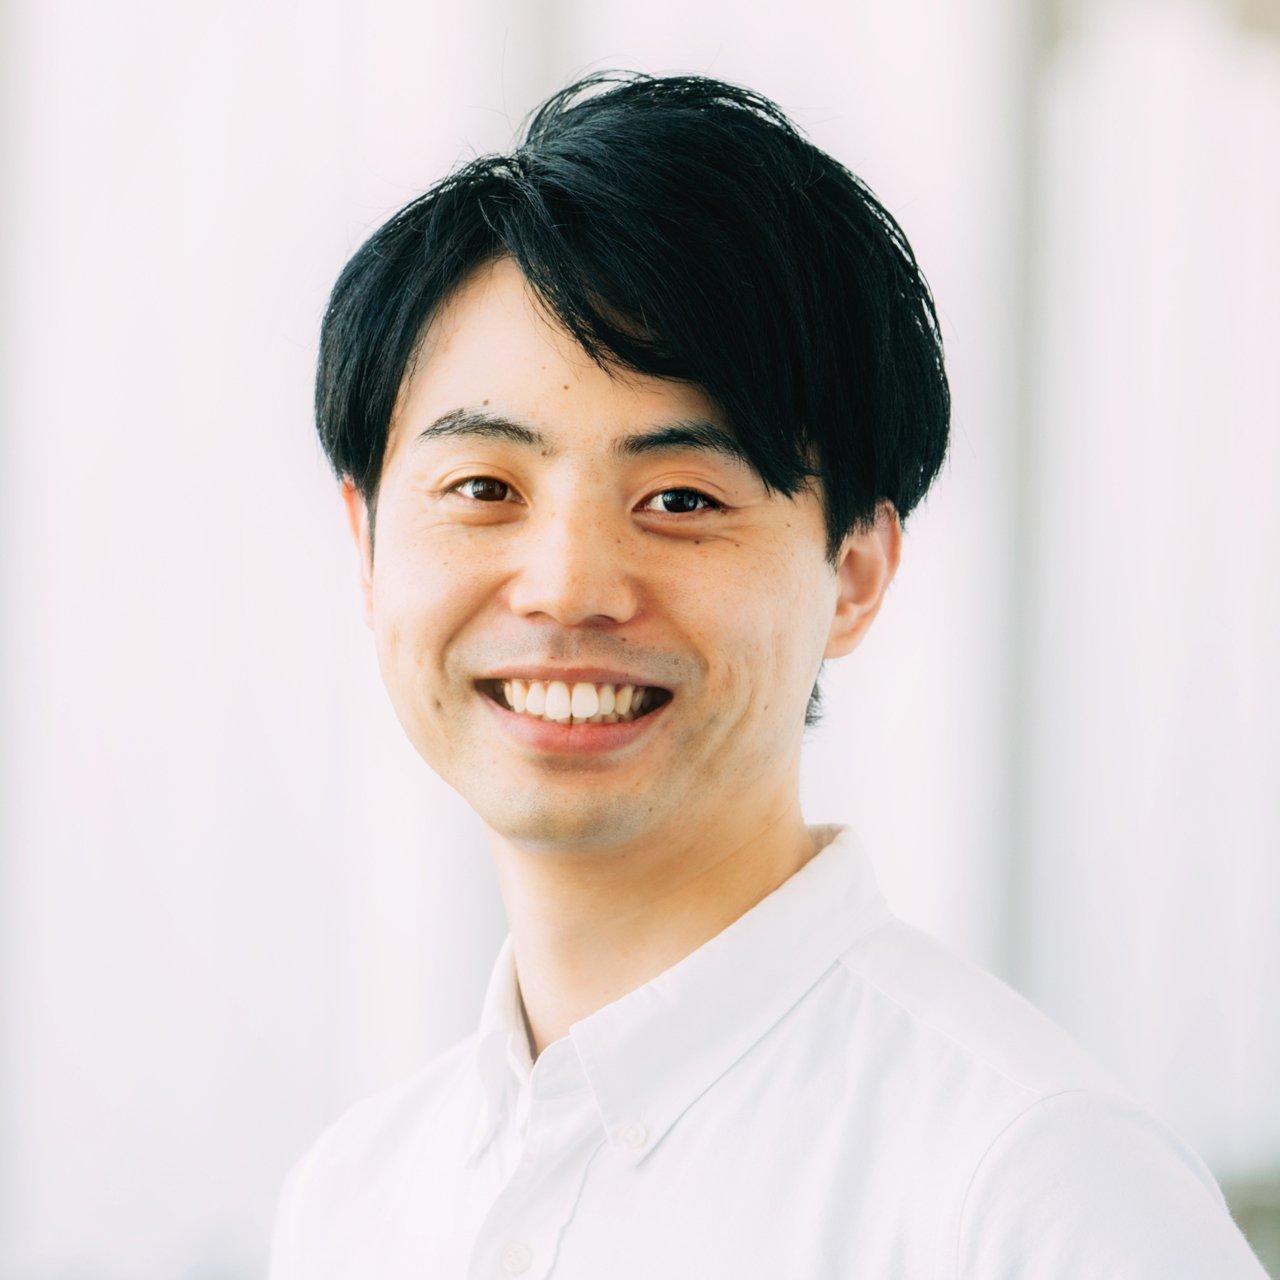 Photo of Tatsuya Honda